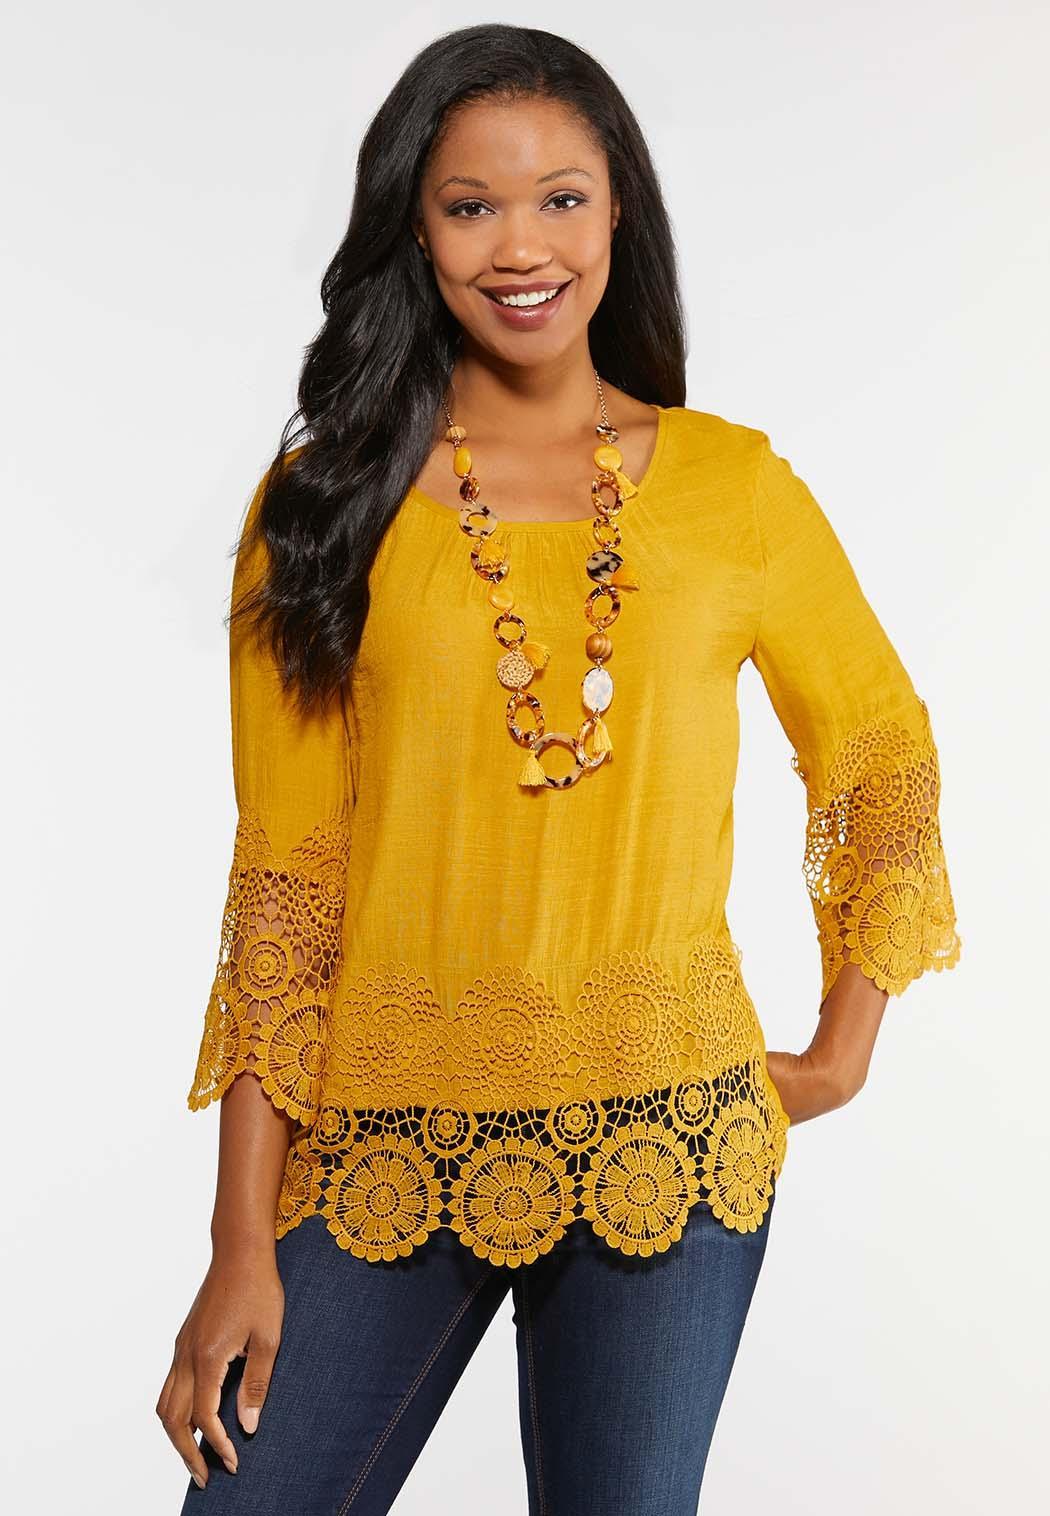 Crochet Trim Golden Top